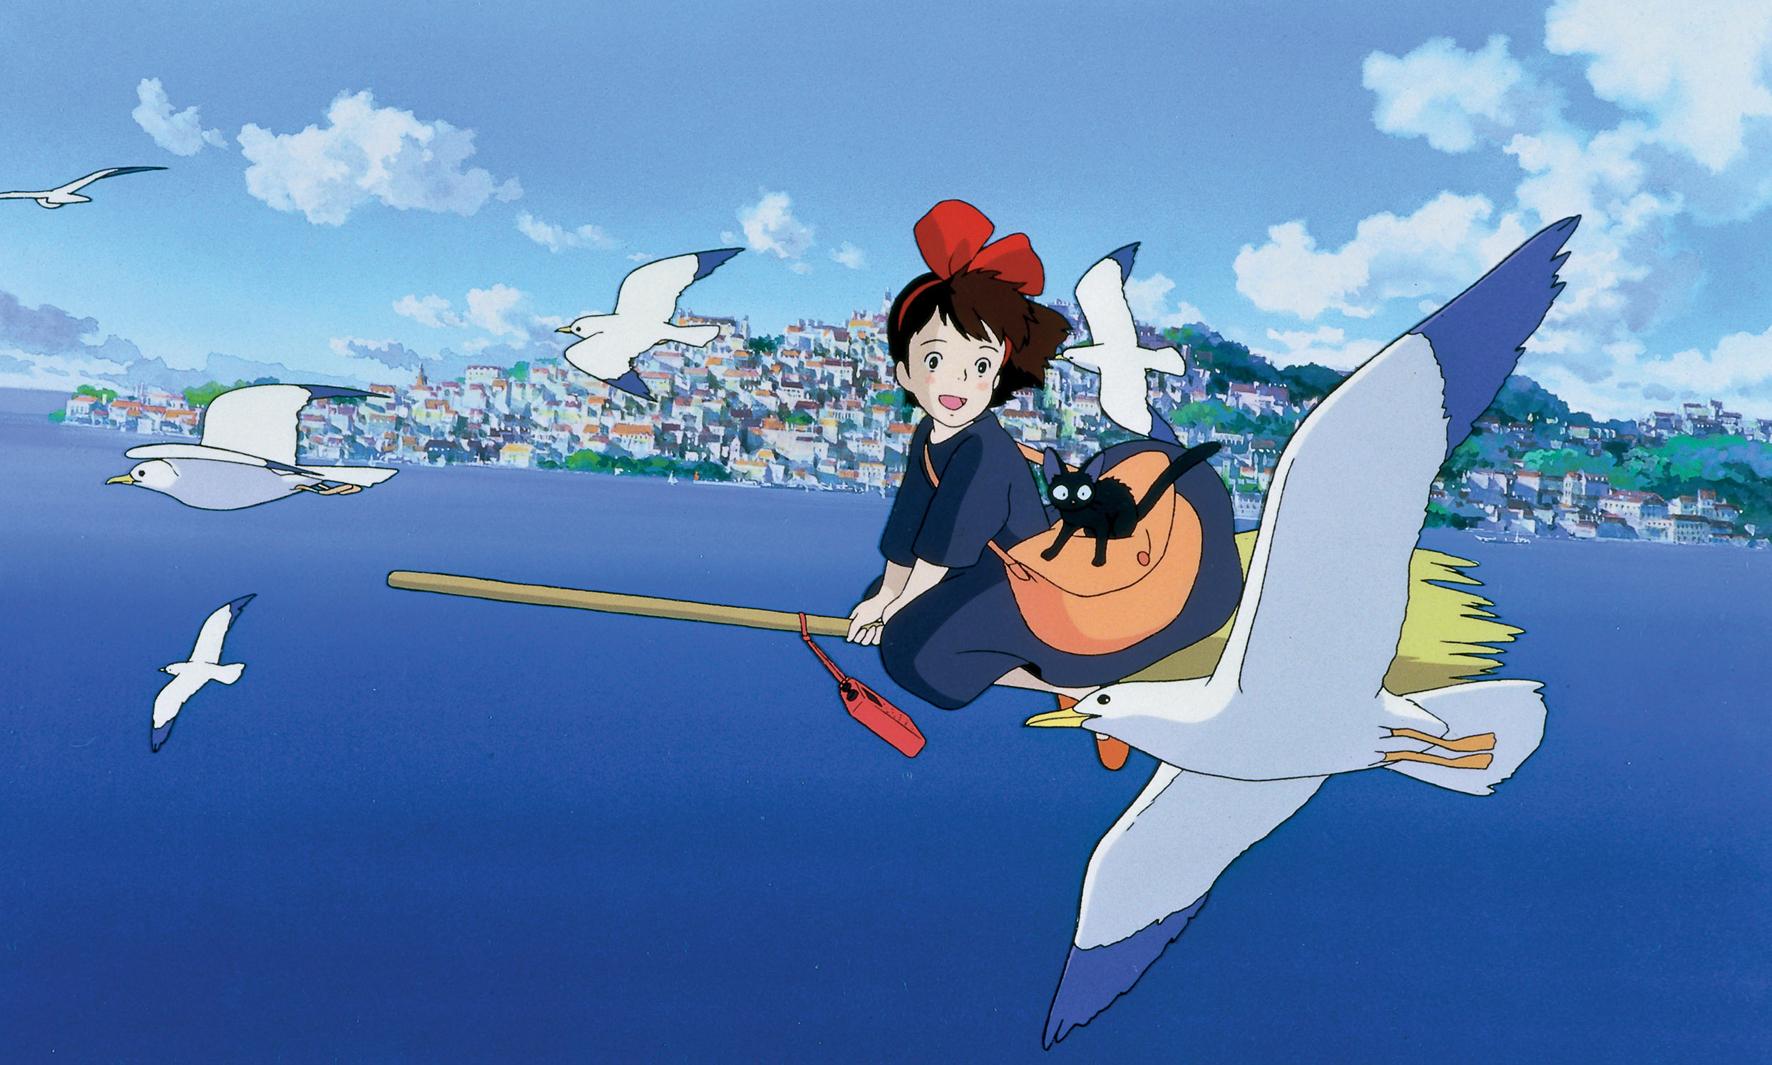 Kiki finner en vakker by ved havet og oppretter sitt eget budfirma for å levere varer til utålmodige kunder.